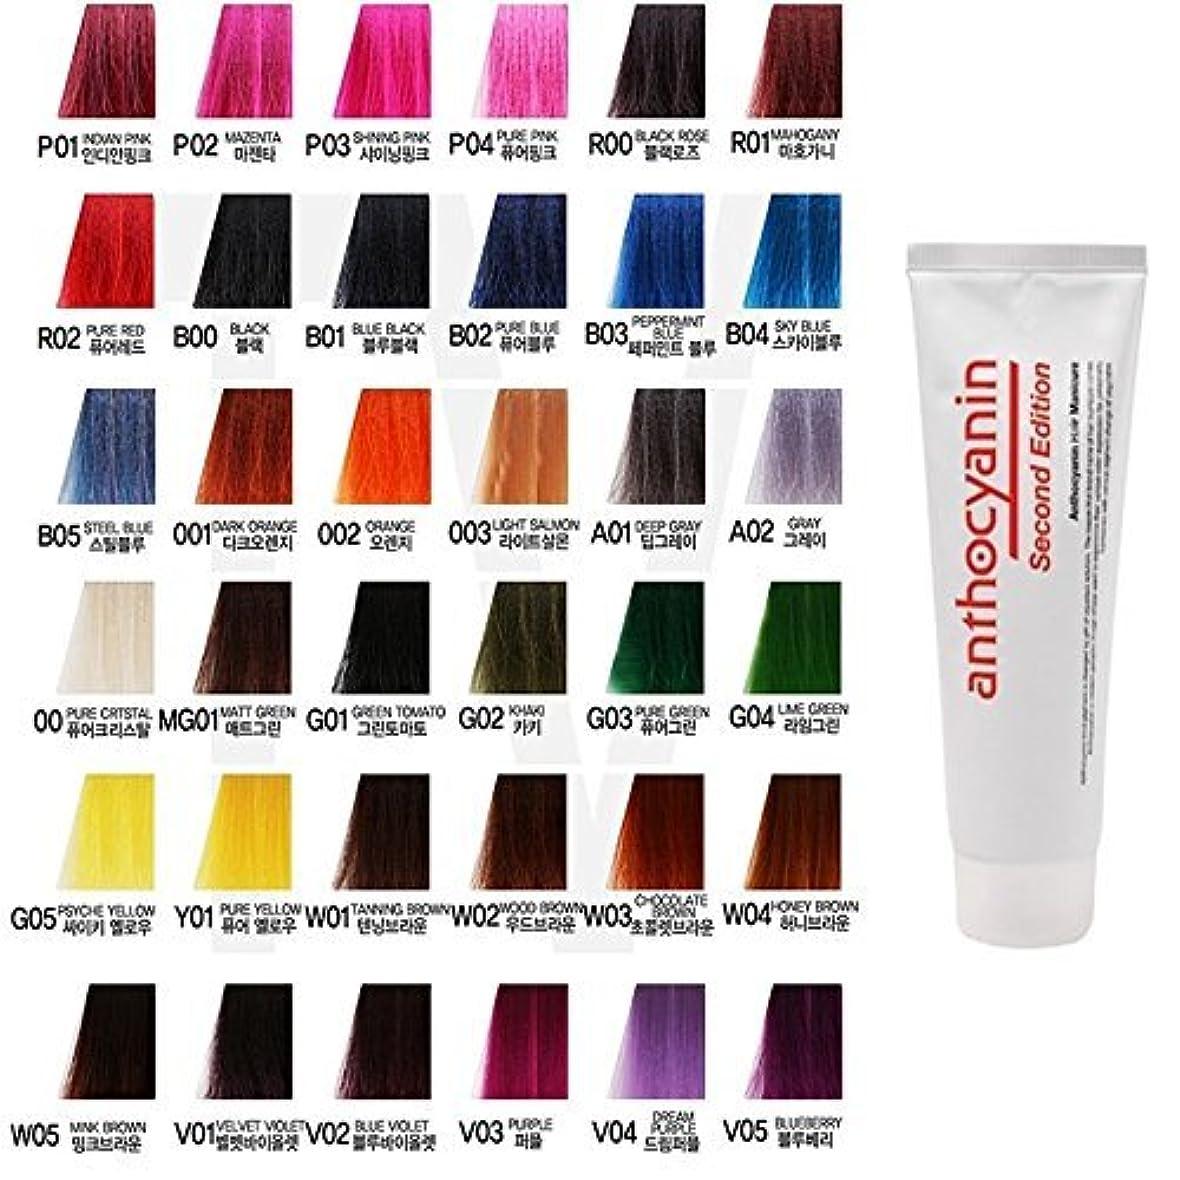 ラッカスクラス折るヘア マニキュア カラー セカンド エディション 230g セミ パーマネント 染毛剤 ( Hair Manicure Color Second Edition 230g Semi Permanent Hair Dye) [並行輸入品] (O02 Orange)